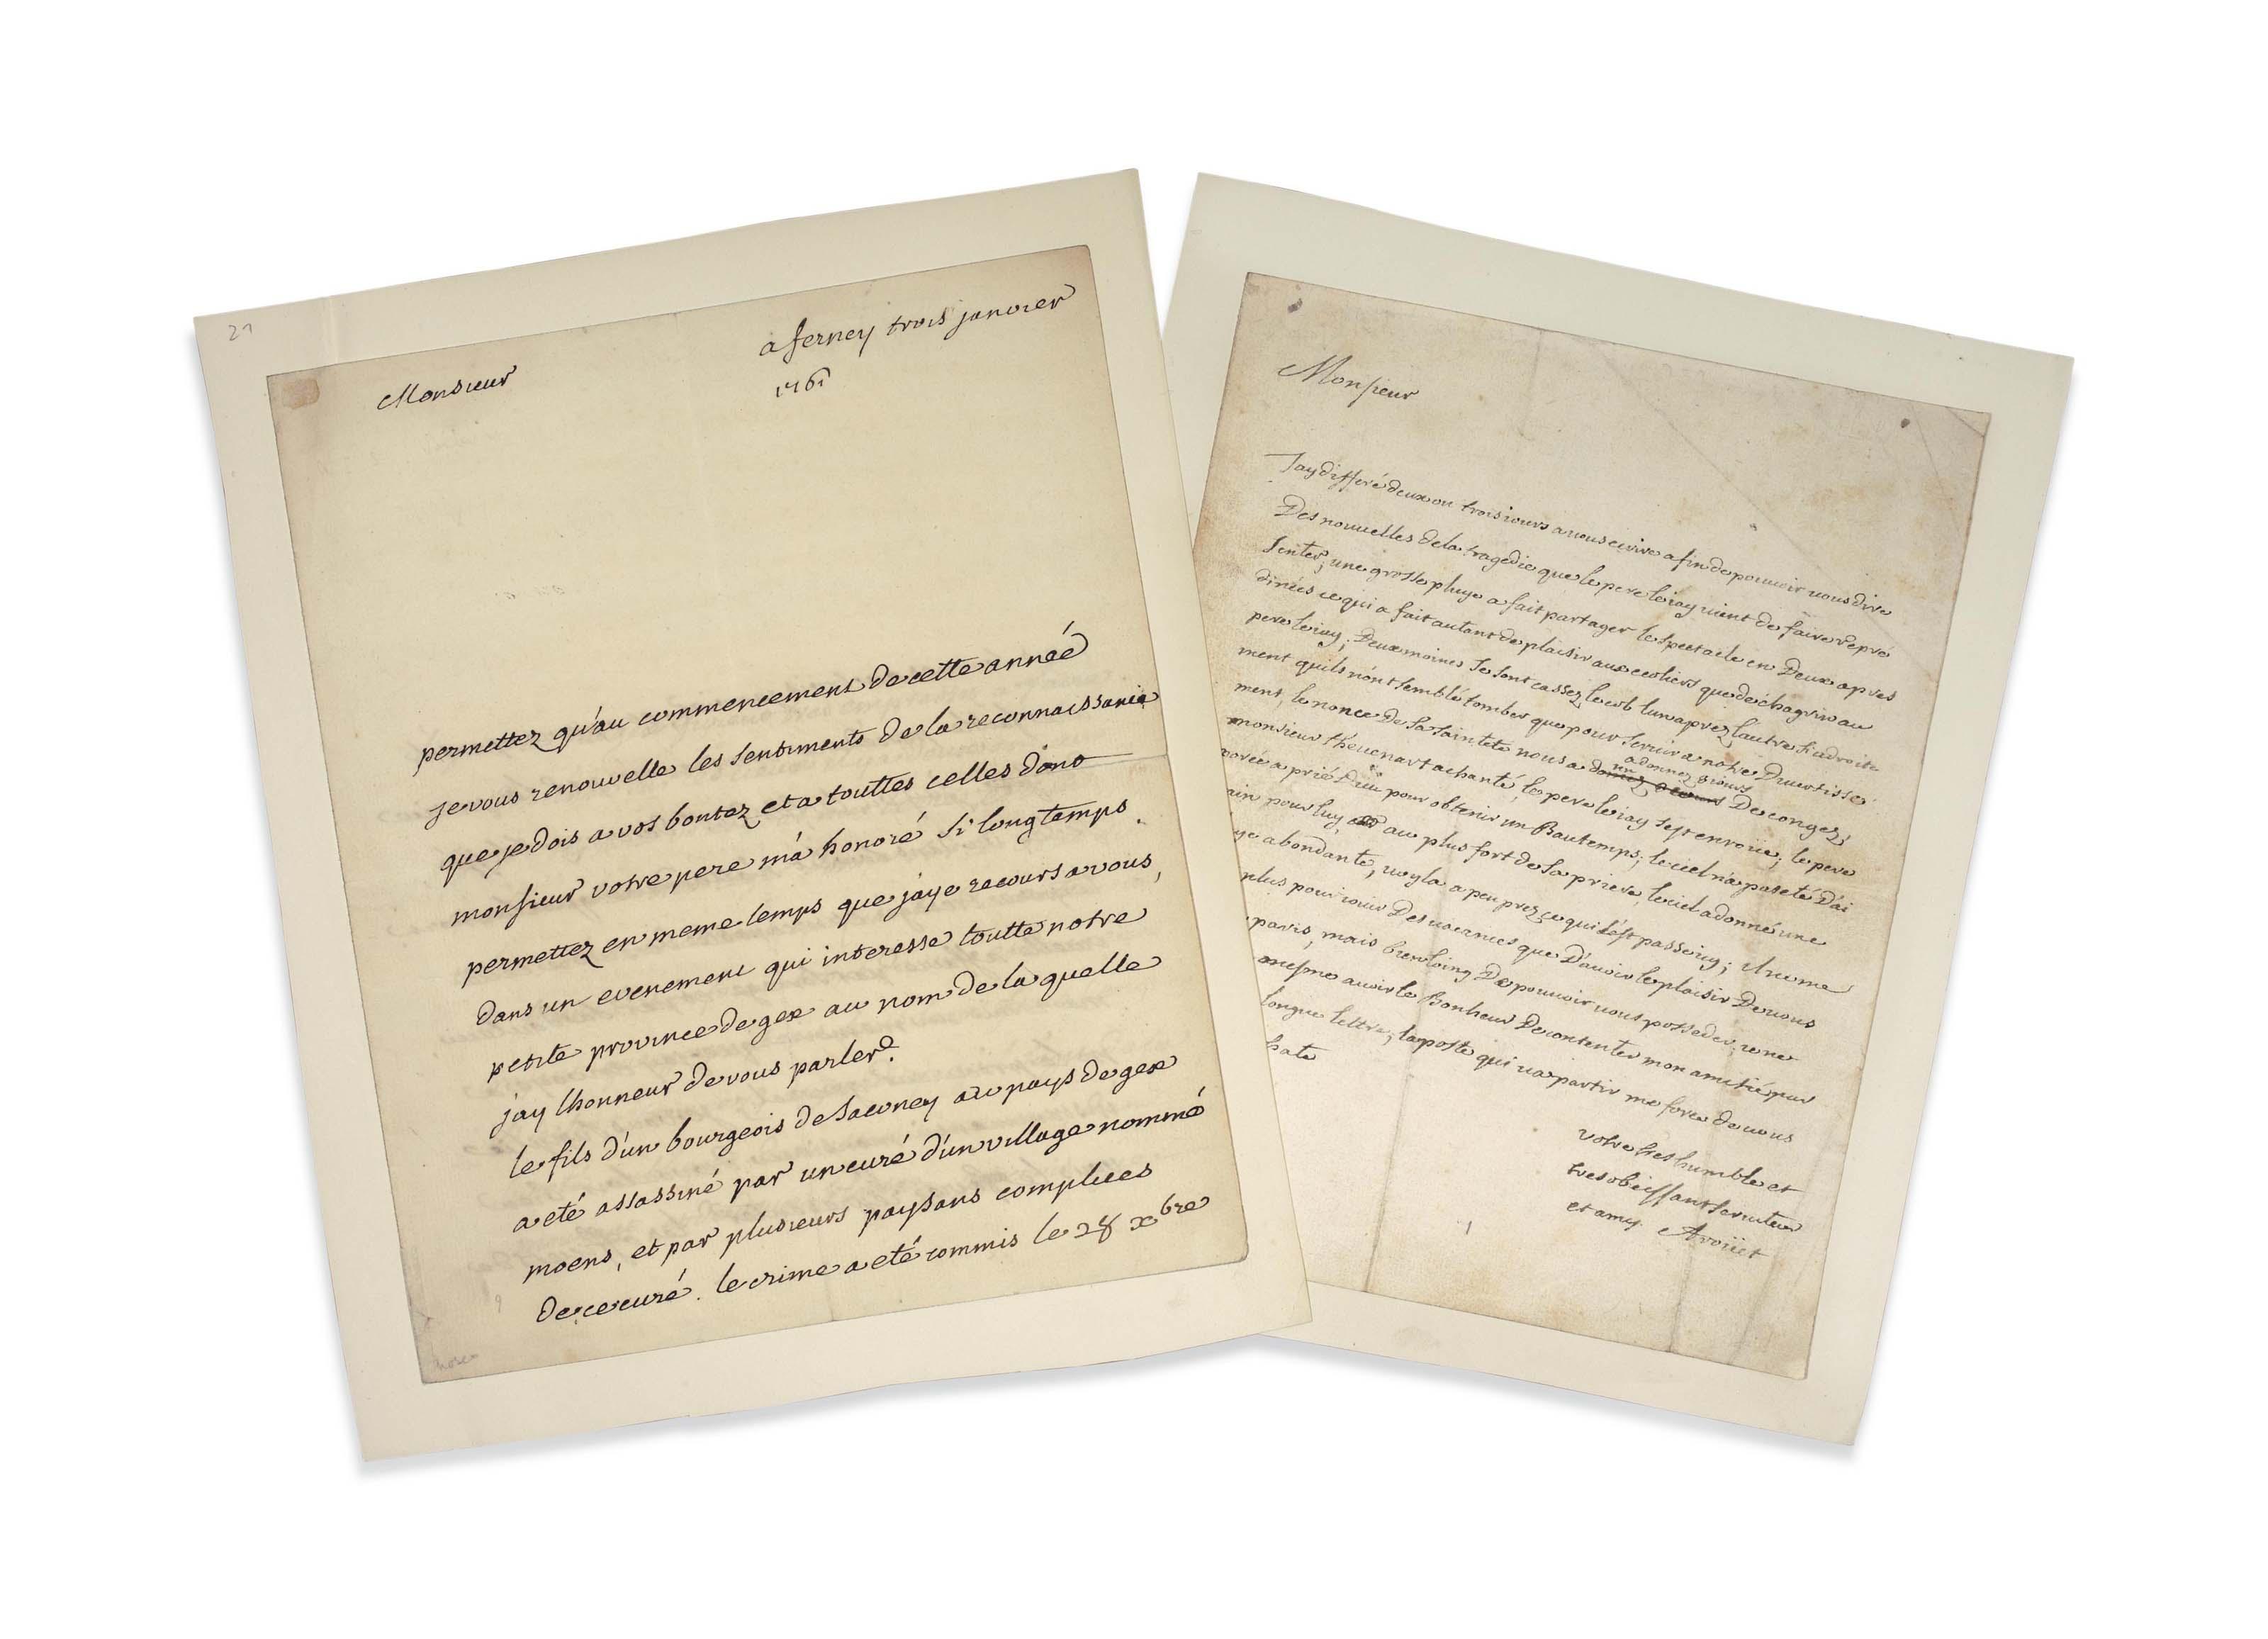 VOLTAIRE, François-Marie Arouet dit (1694-1775). Réunion de deux lettres autographes signées. Provenance: ancienne collection Tronc-Jeanson.